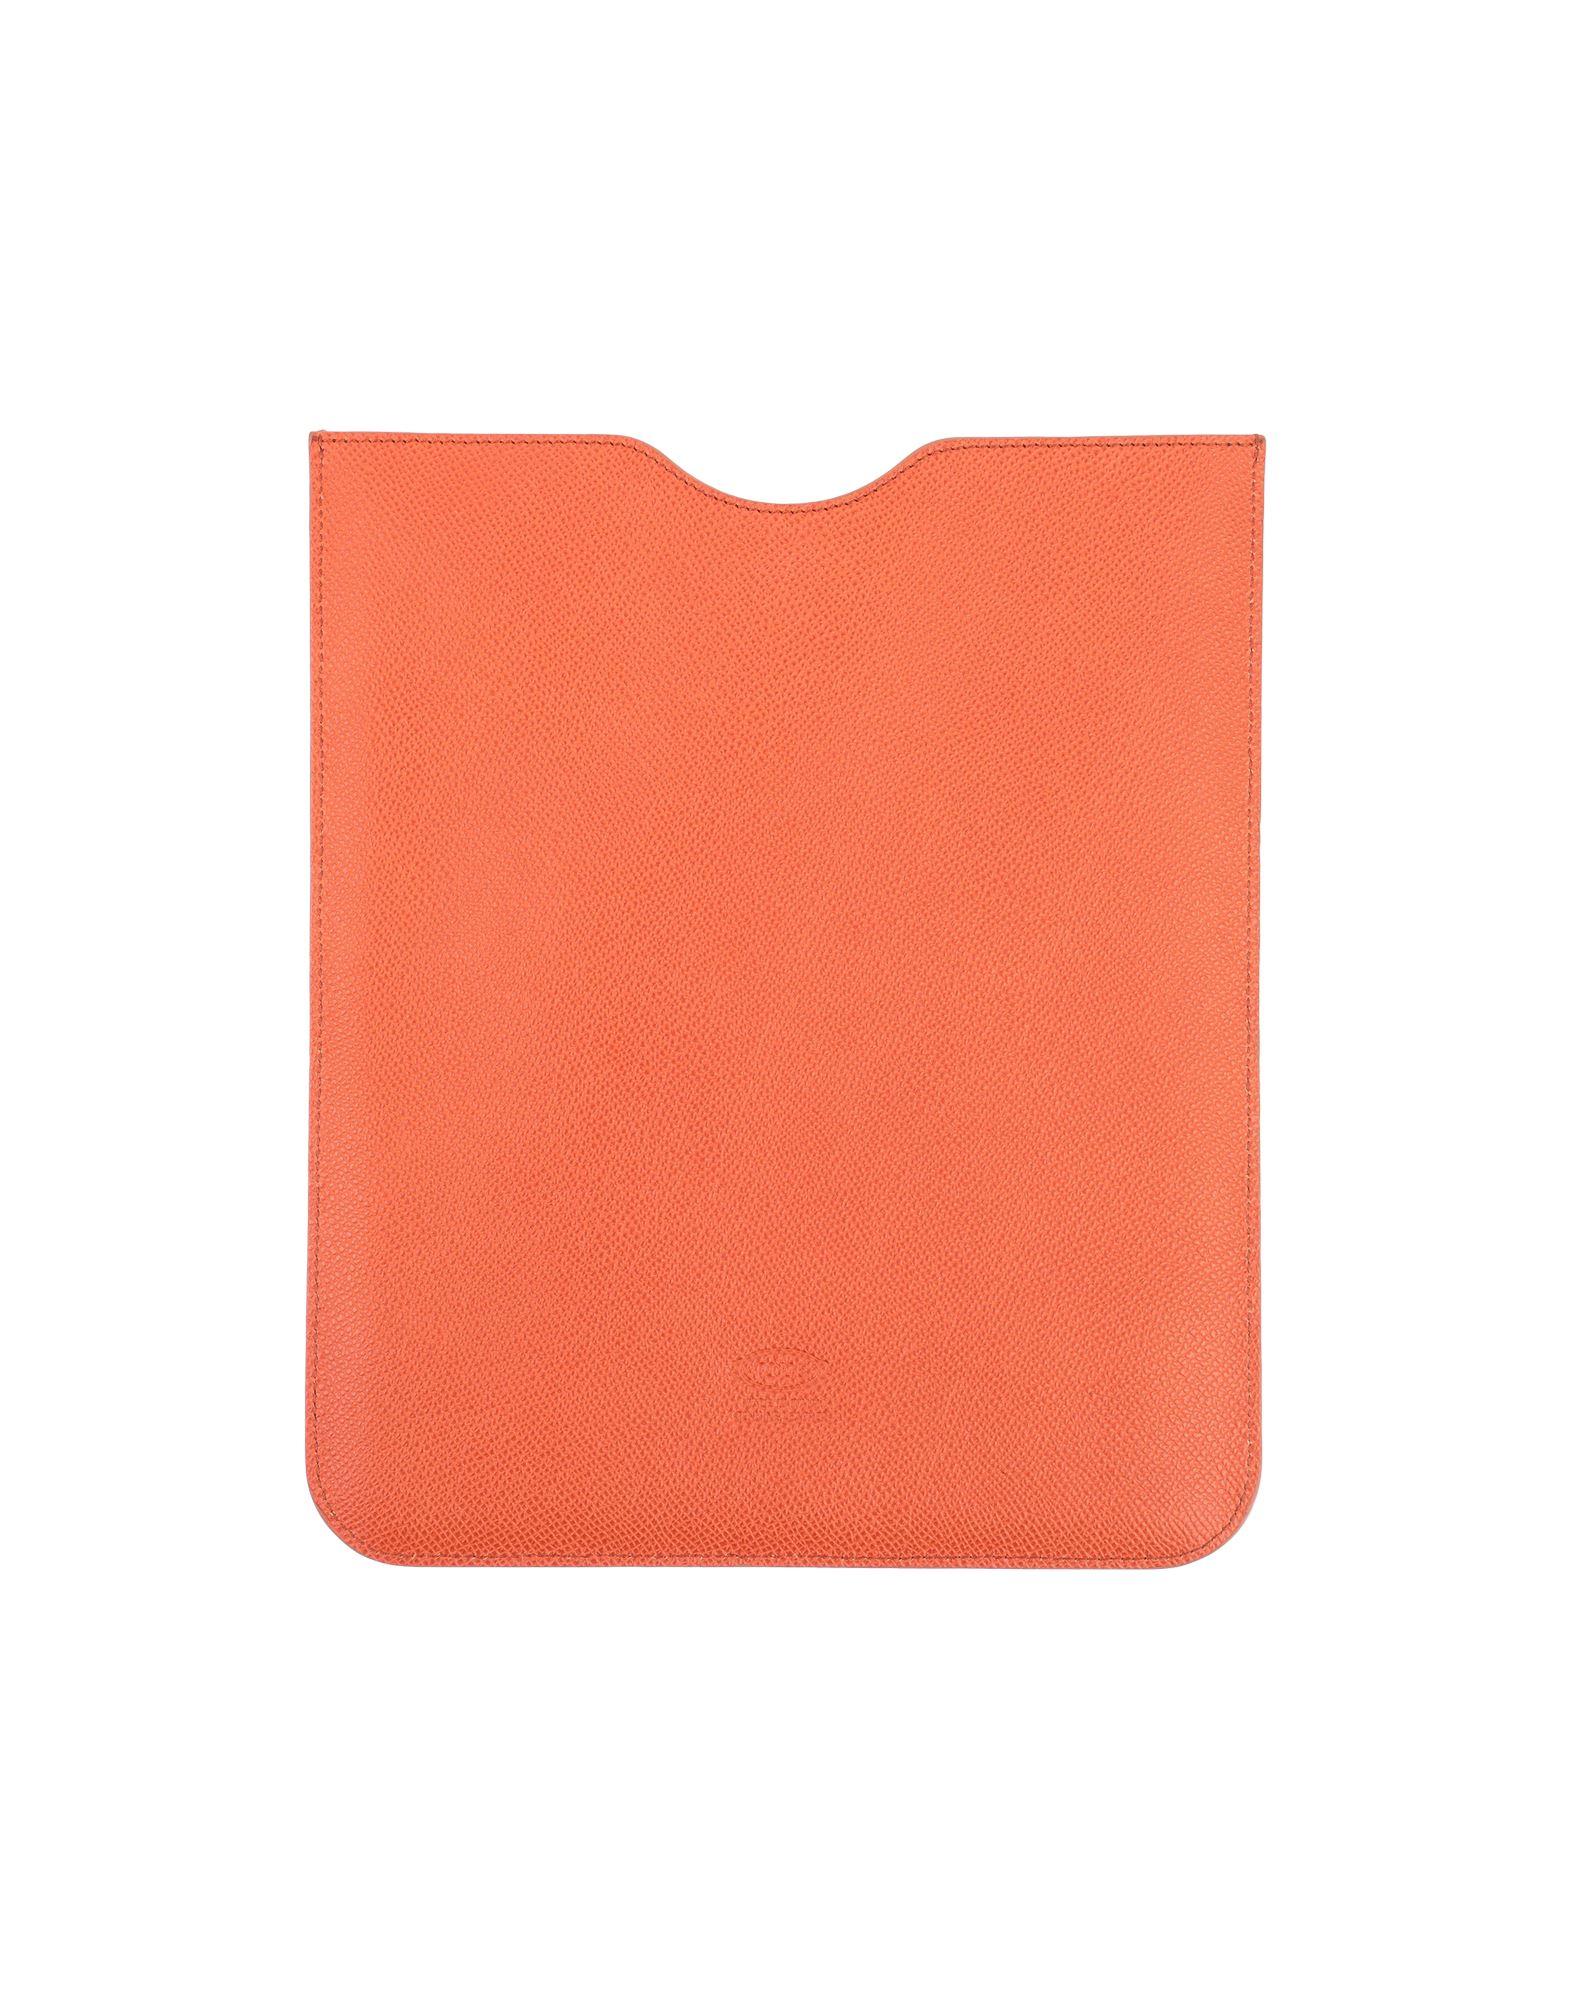 《セール開催中》TOD'S メンズ ハイテク機器アクセサリー オレンジ 革